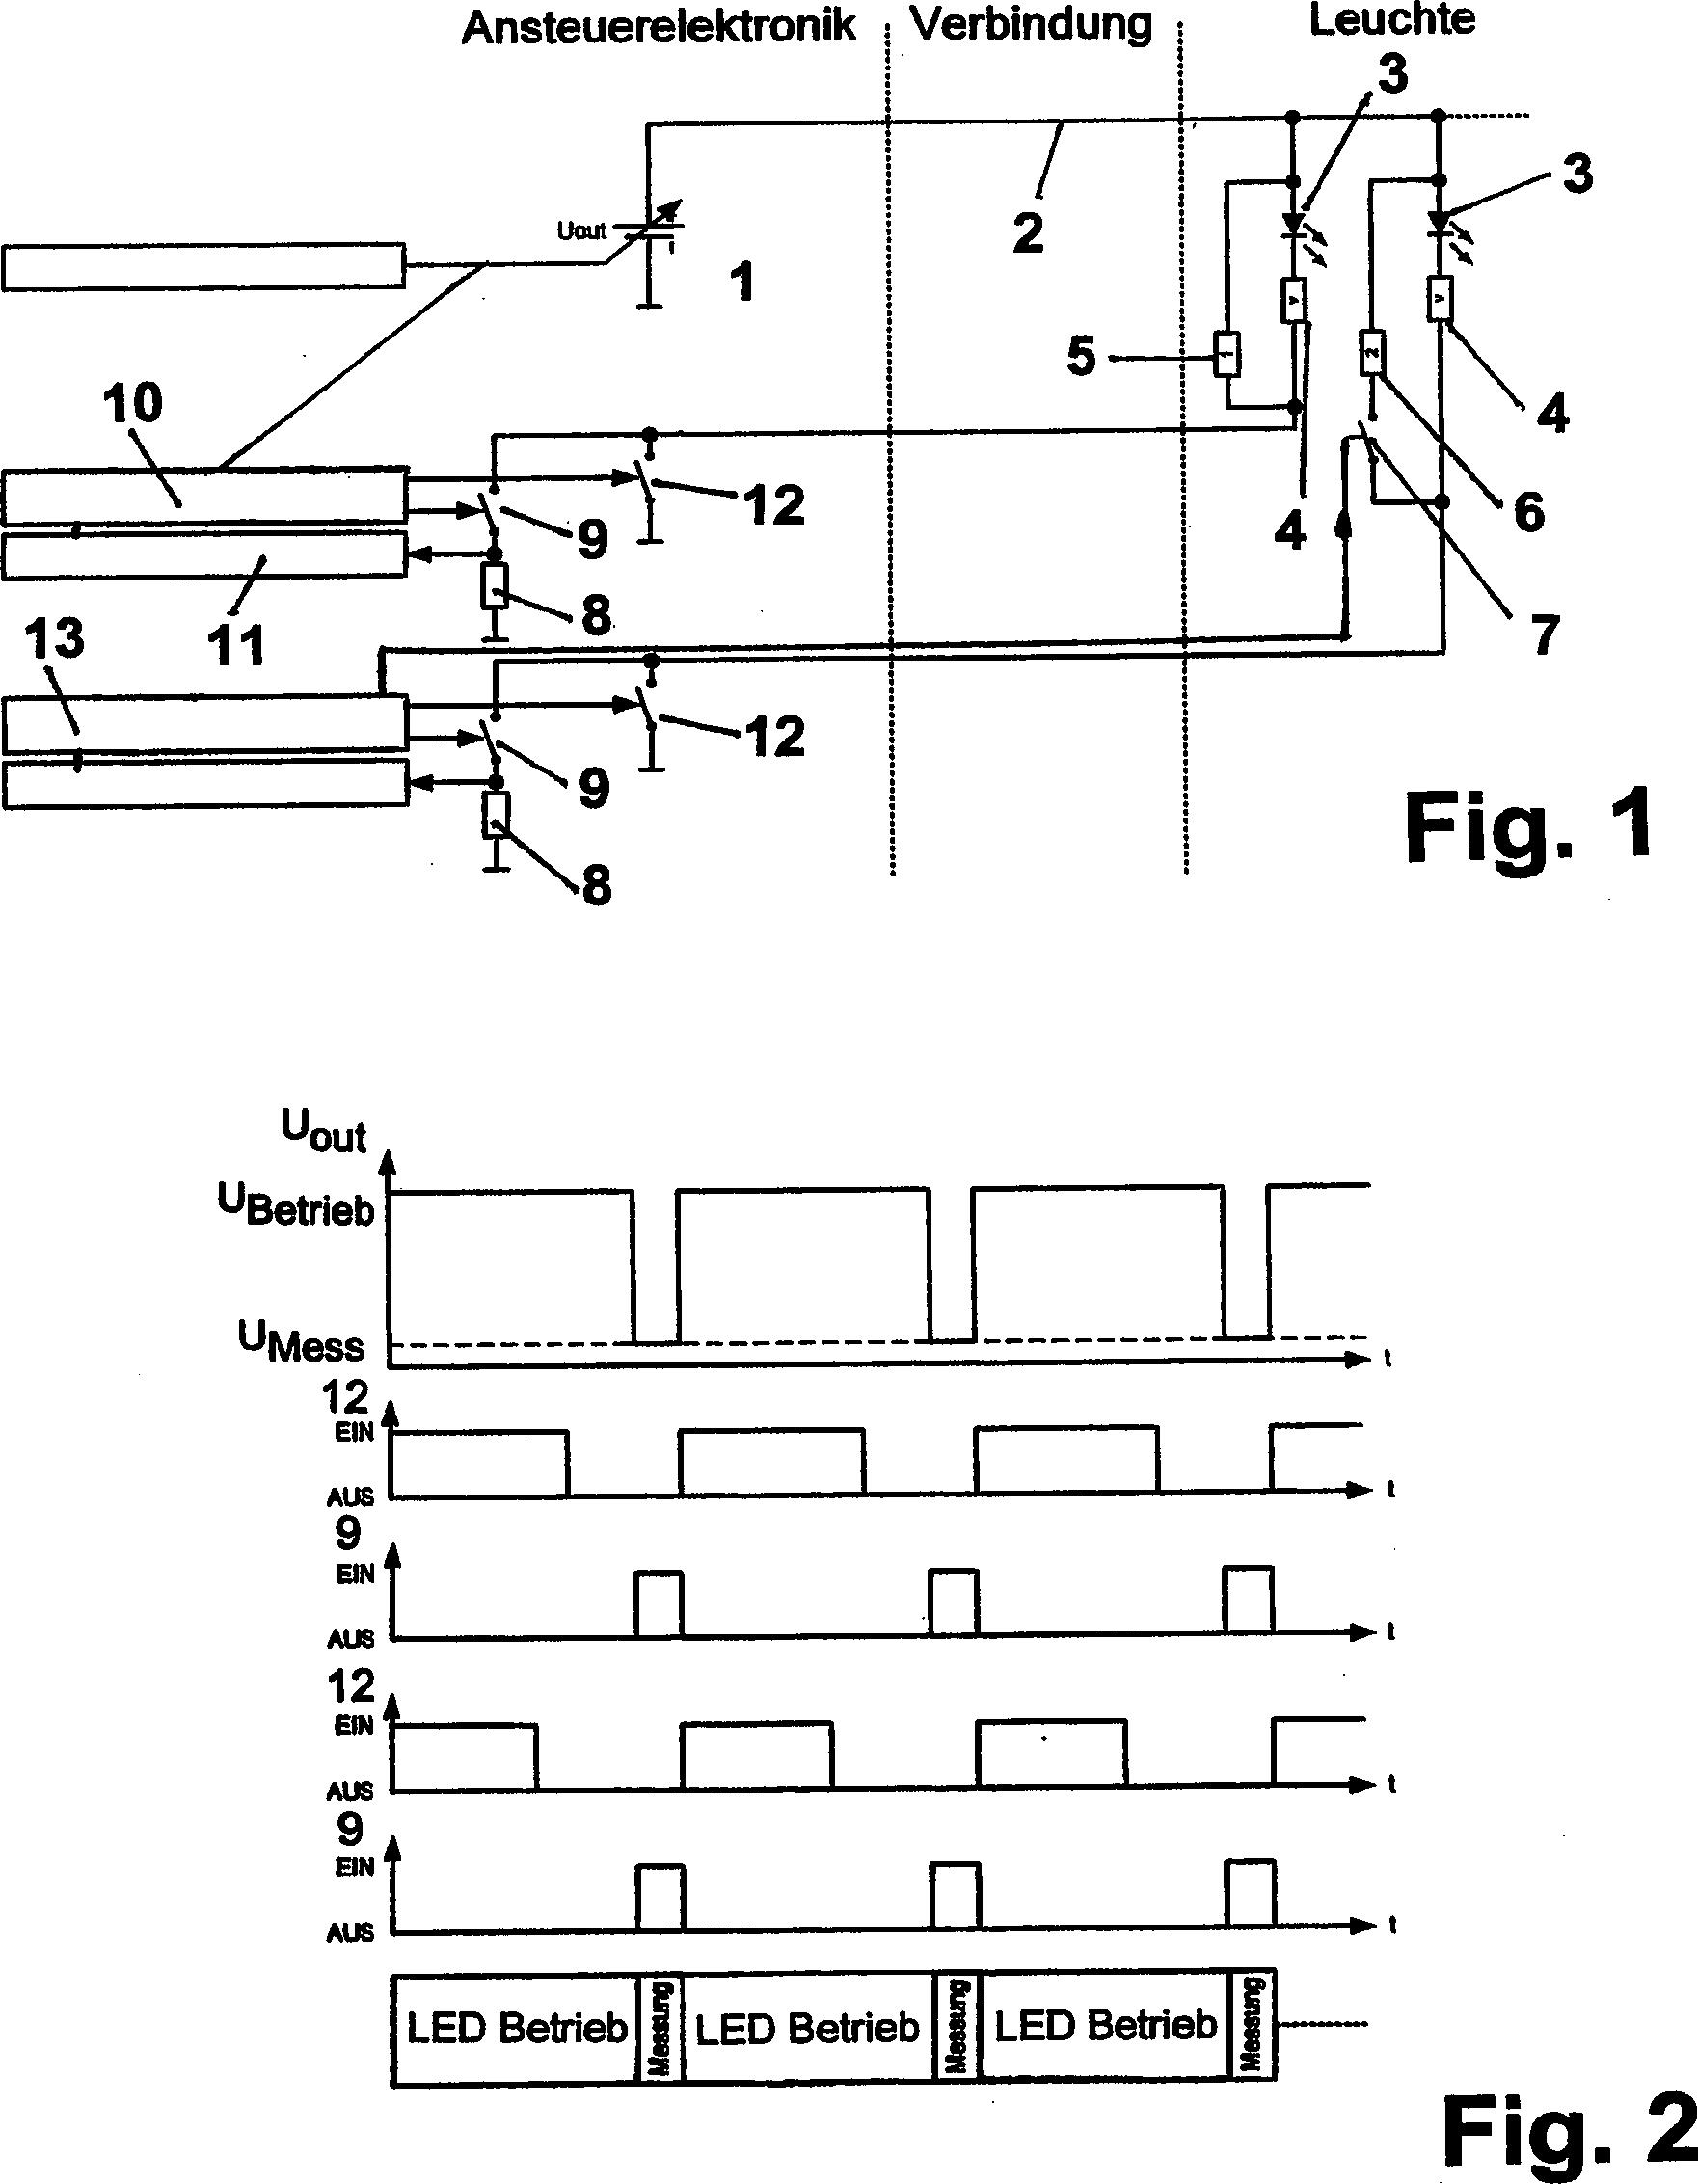 patent de102007009104b4 steuerschaltung zum getakteten ansteuern mindestens einer leuchtdiode. Black Bedroom Furniture Sets. Home Design Ideas